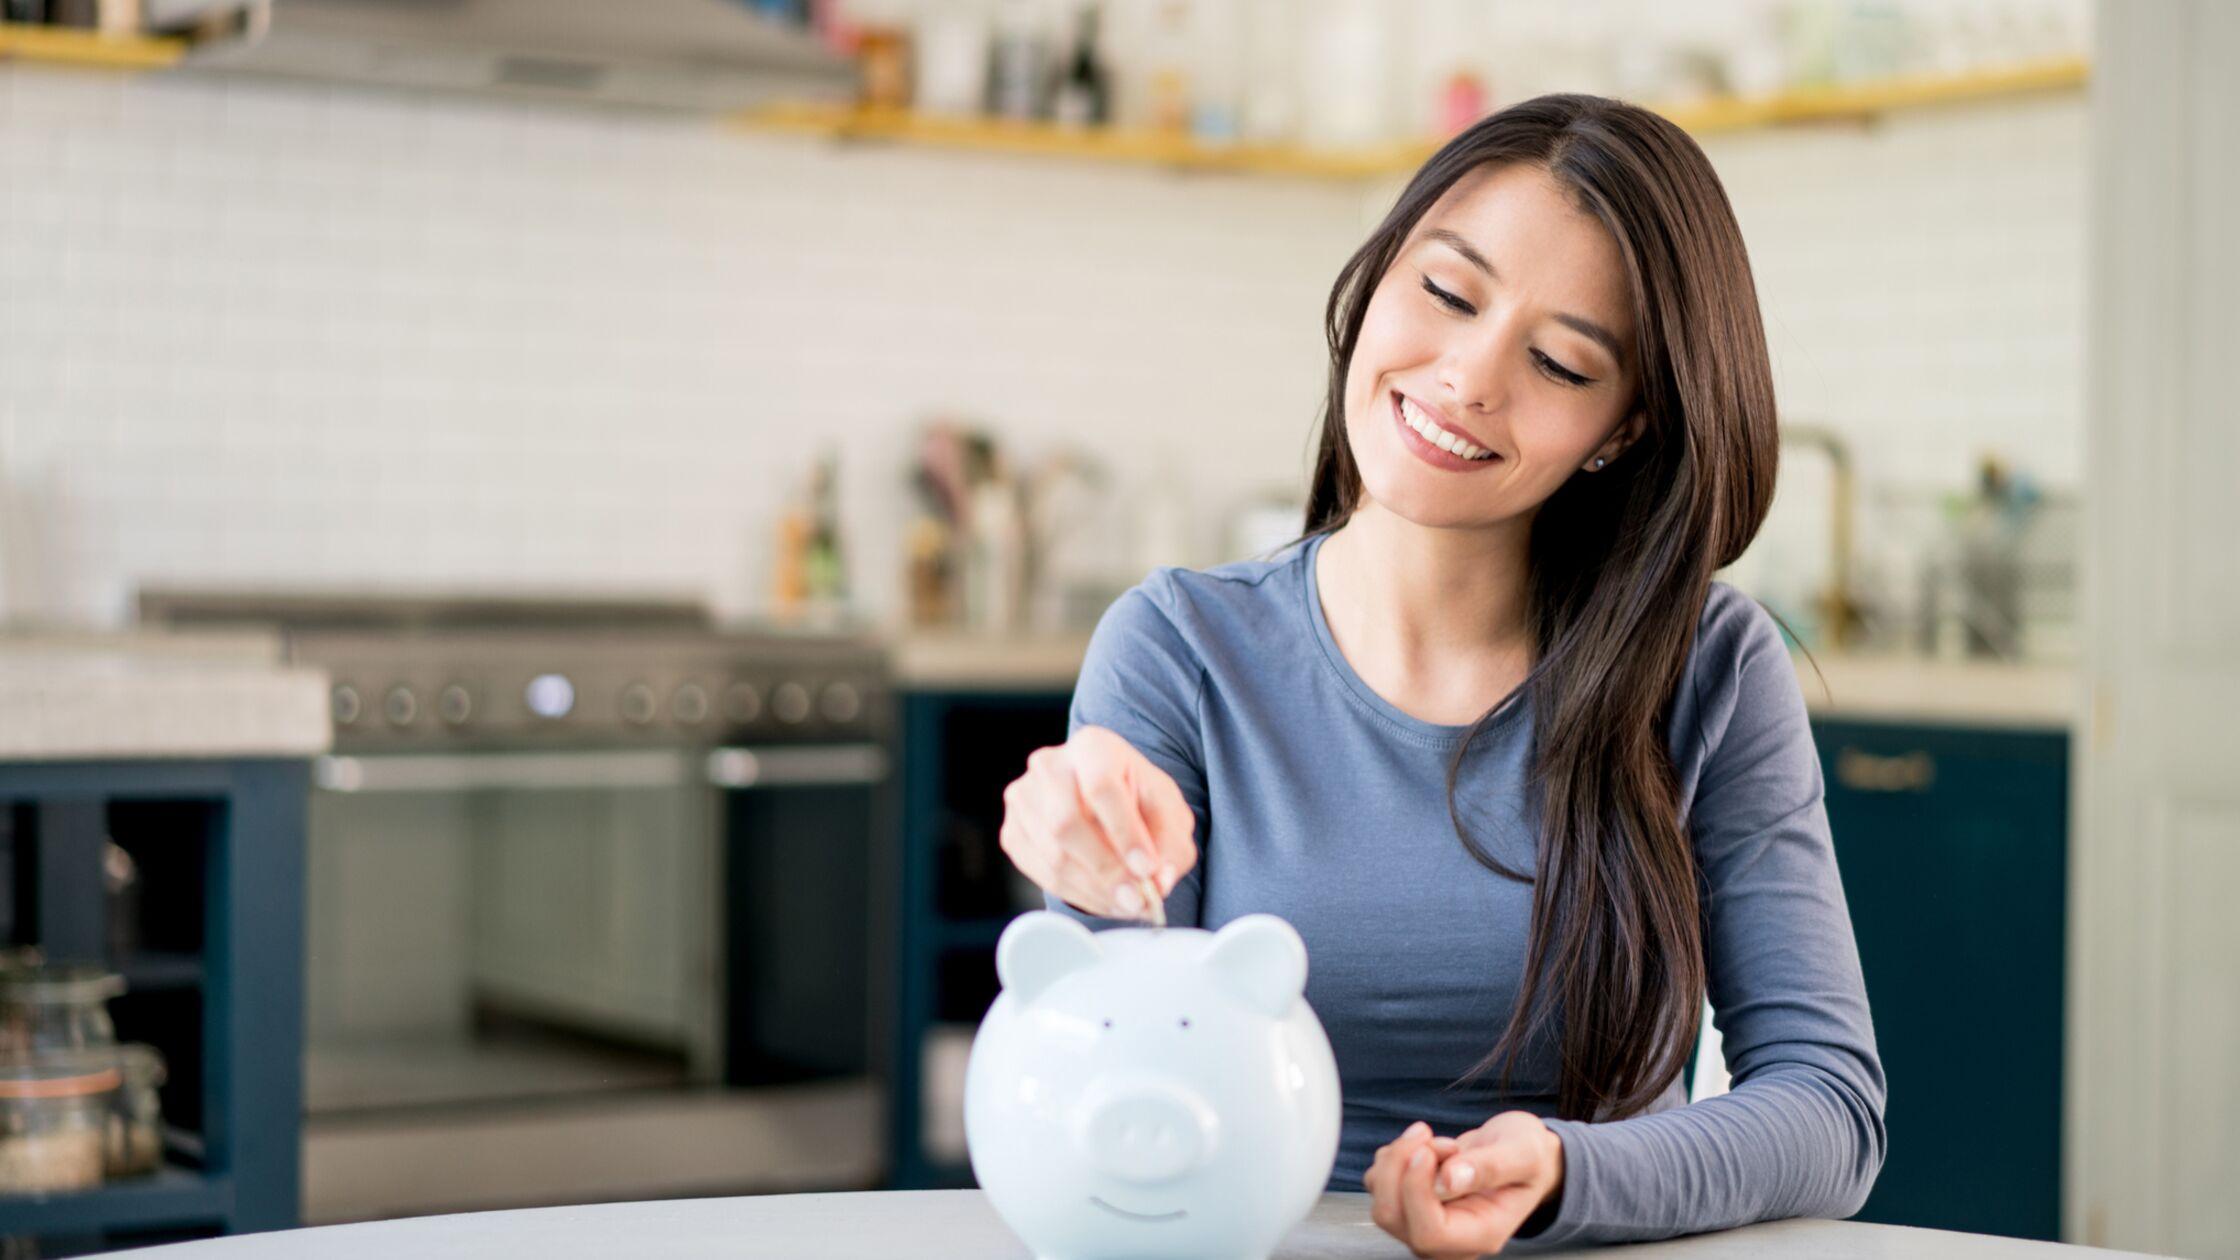 Junge Frau spart Geld in einem Sparschwein